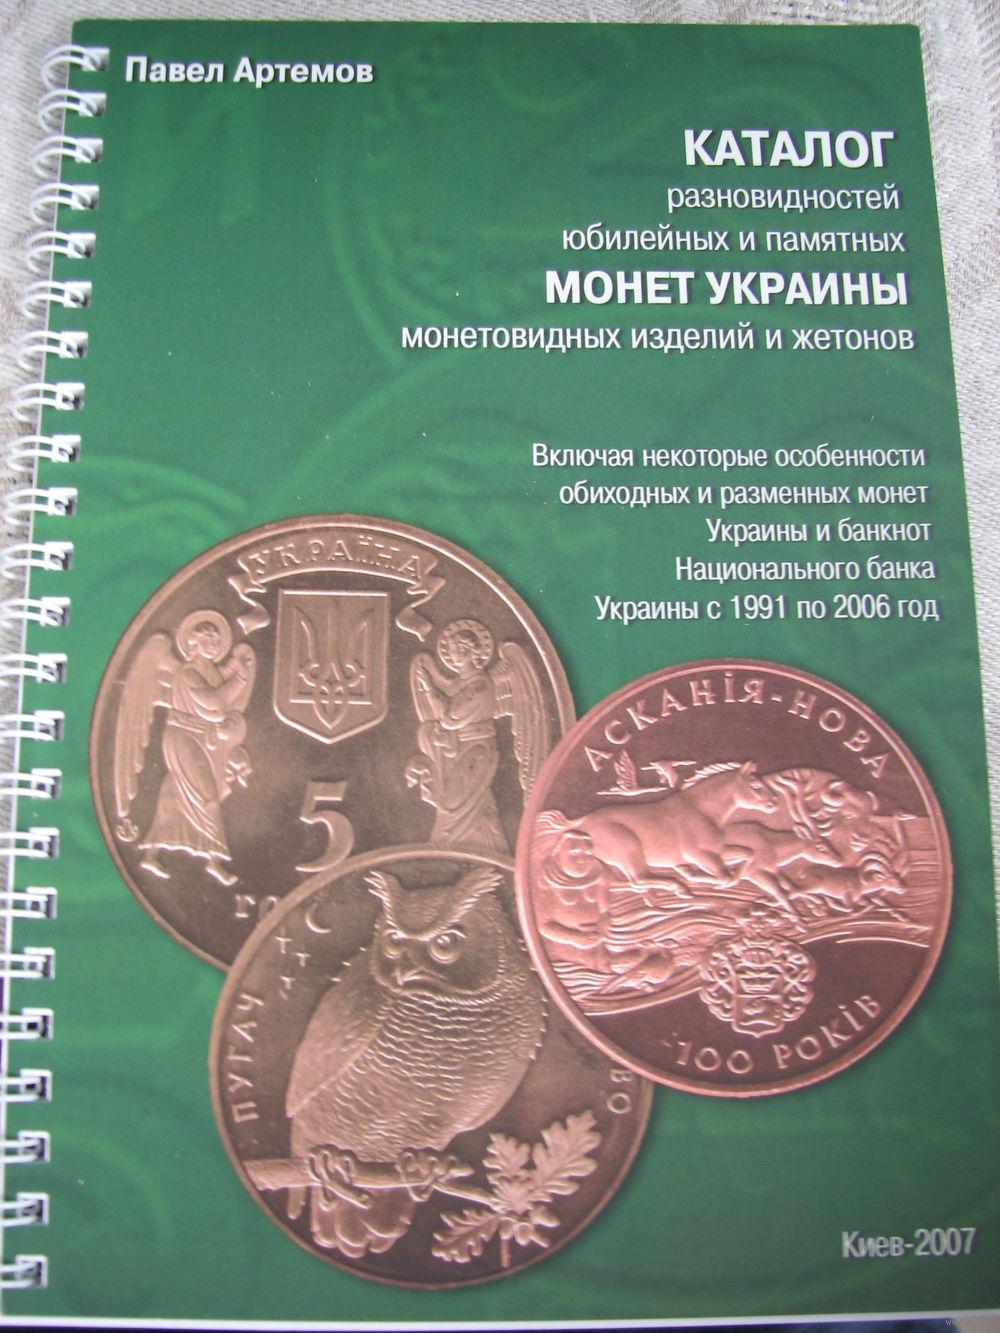 Юбилейные монеты украины цены каталог